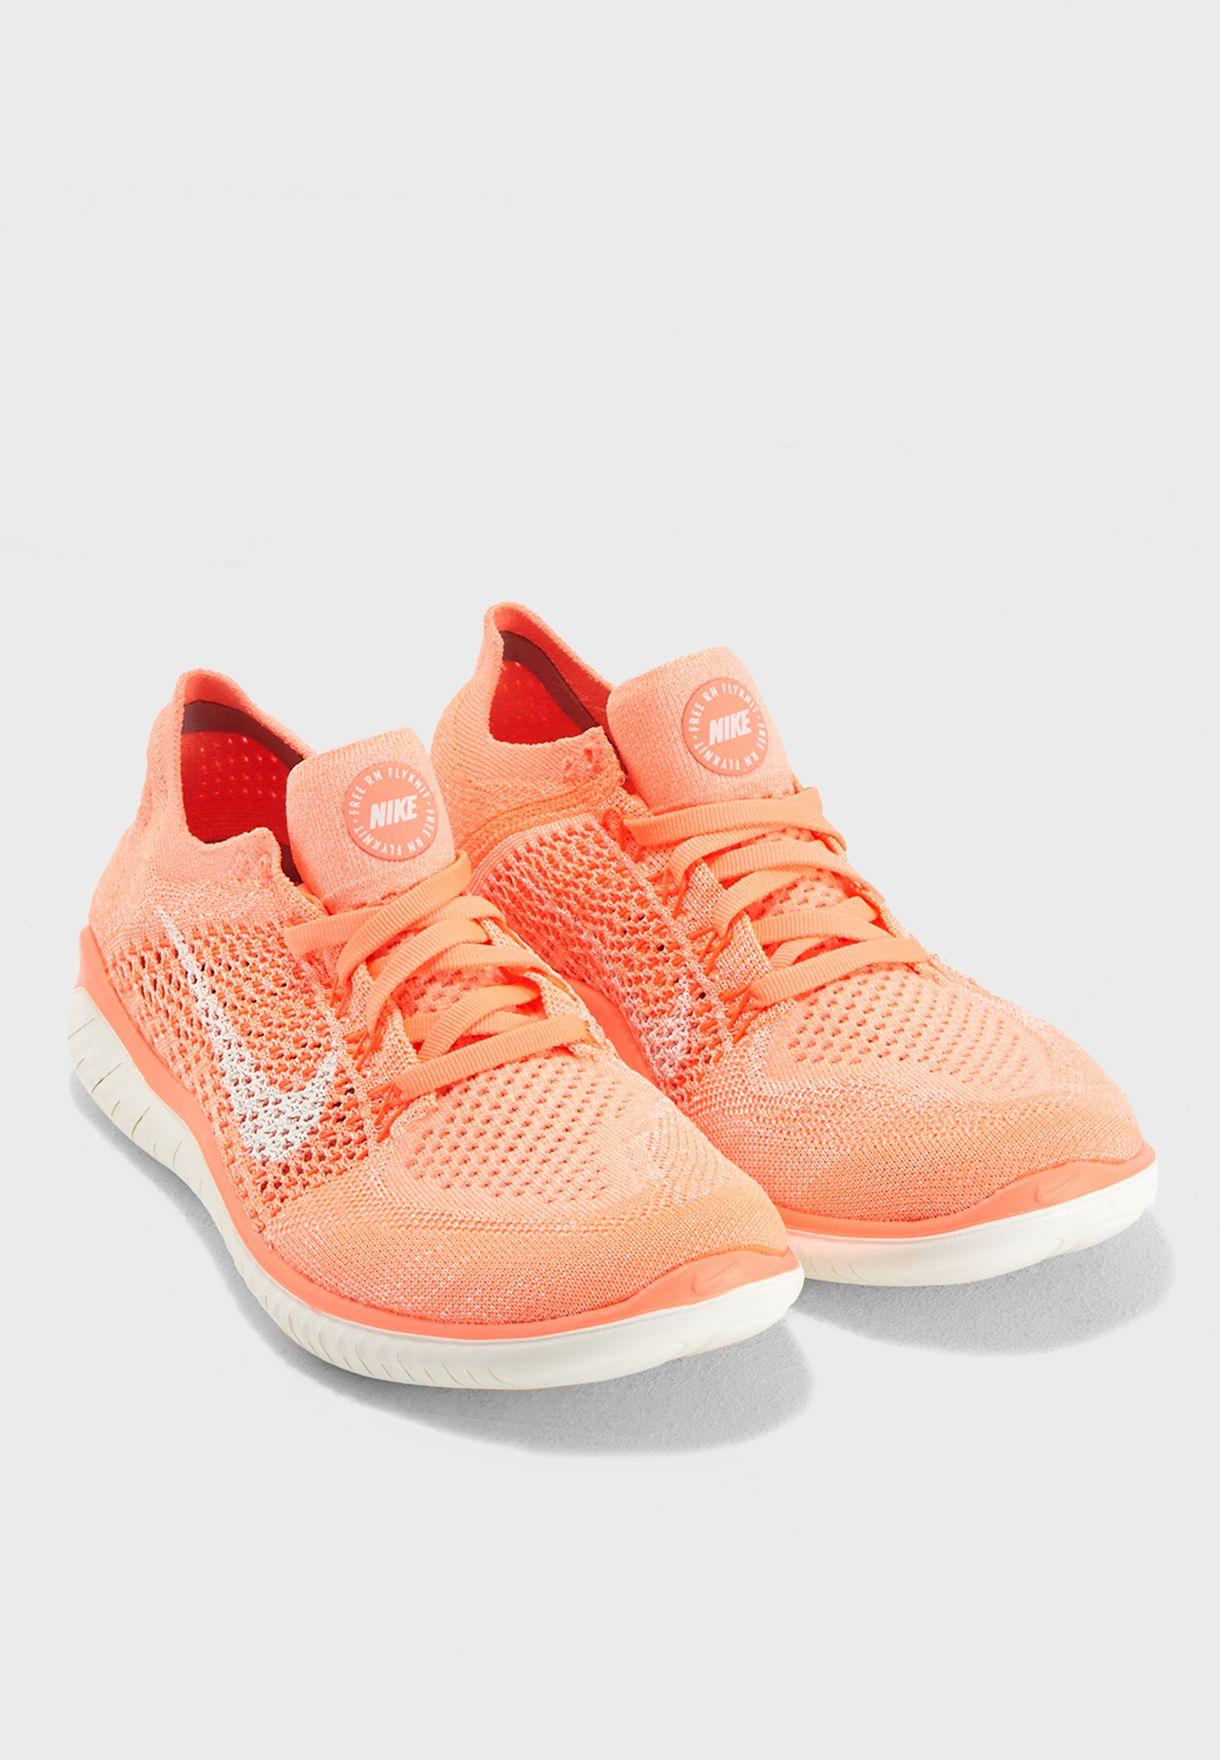 7a7f2a70d9e7c Shop Nike pink Free RN Flyknit 2018 942839-801 for Women in Kuwait ...